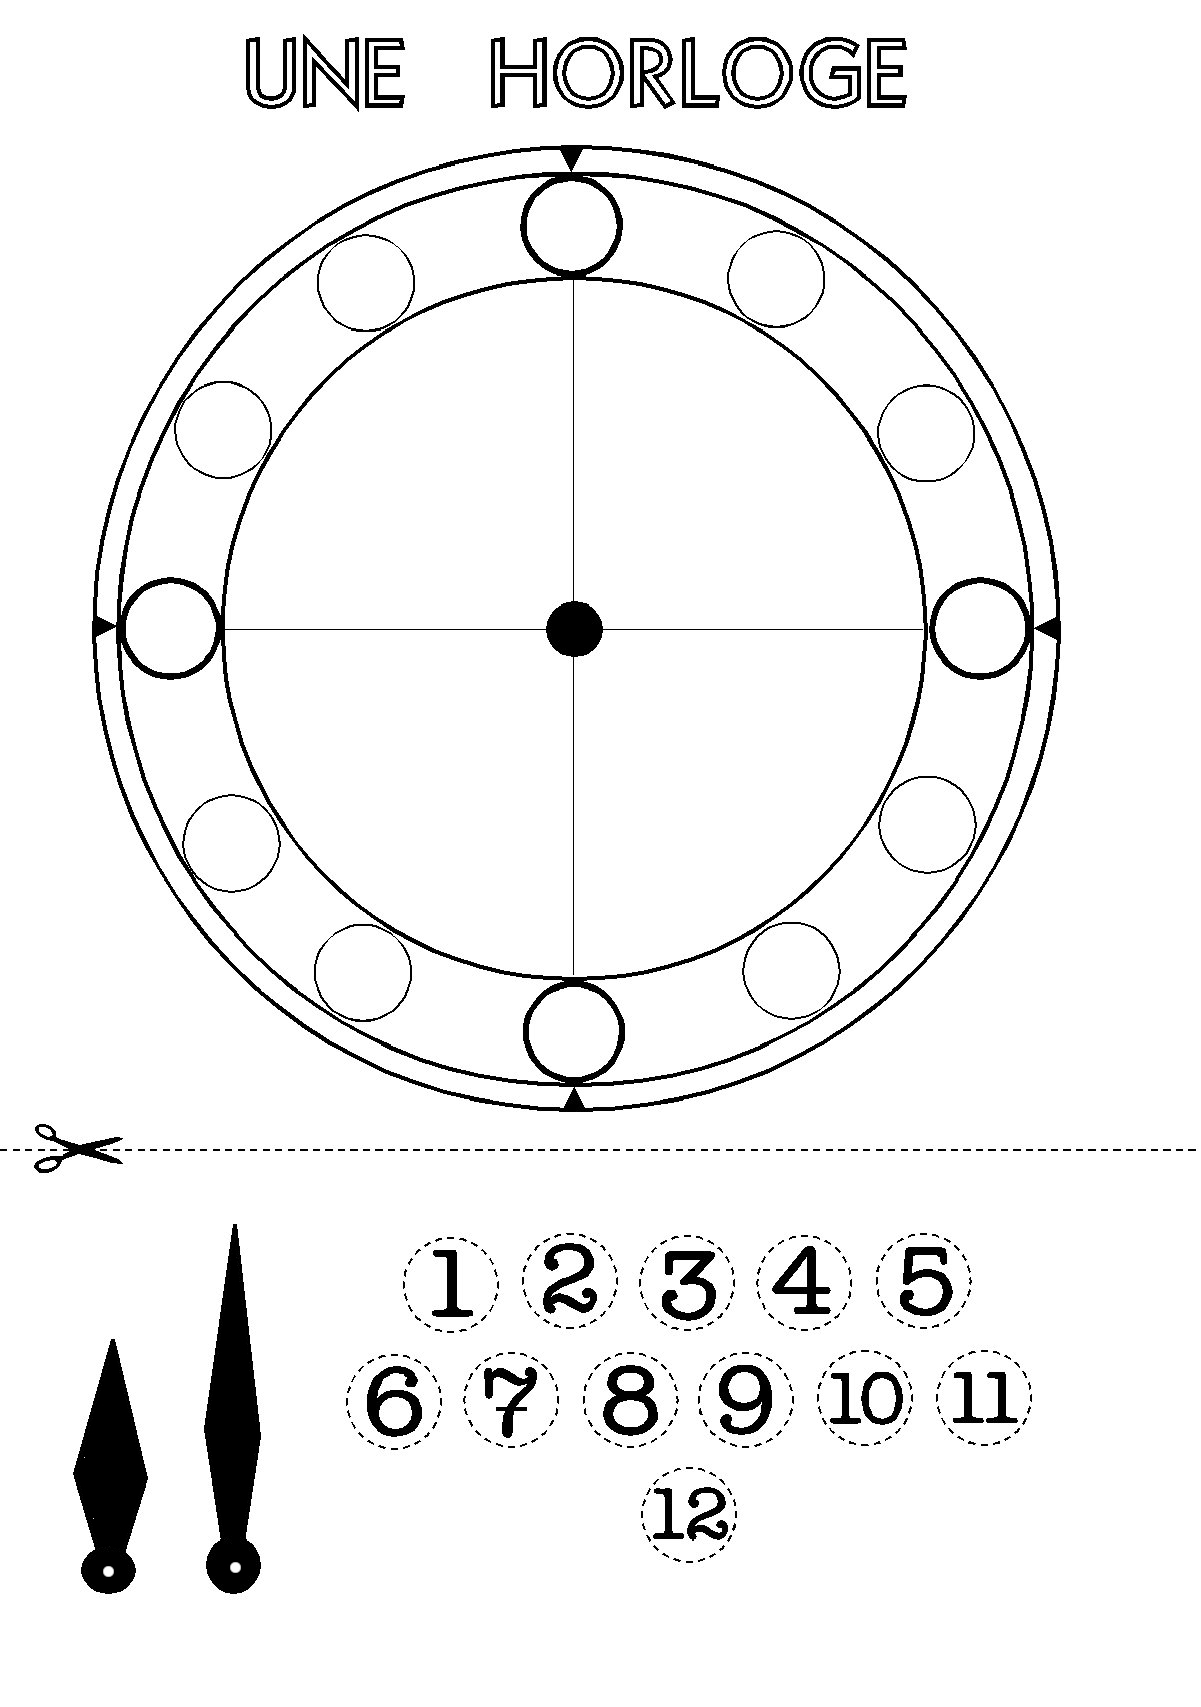 horloge : fiche technique sur l'horloge